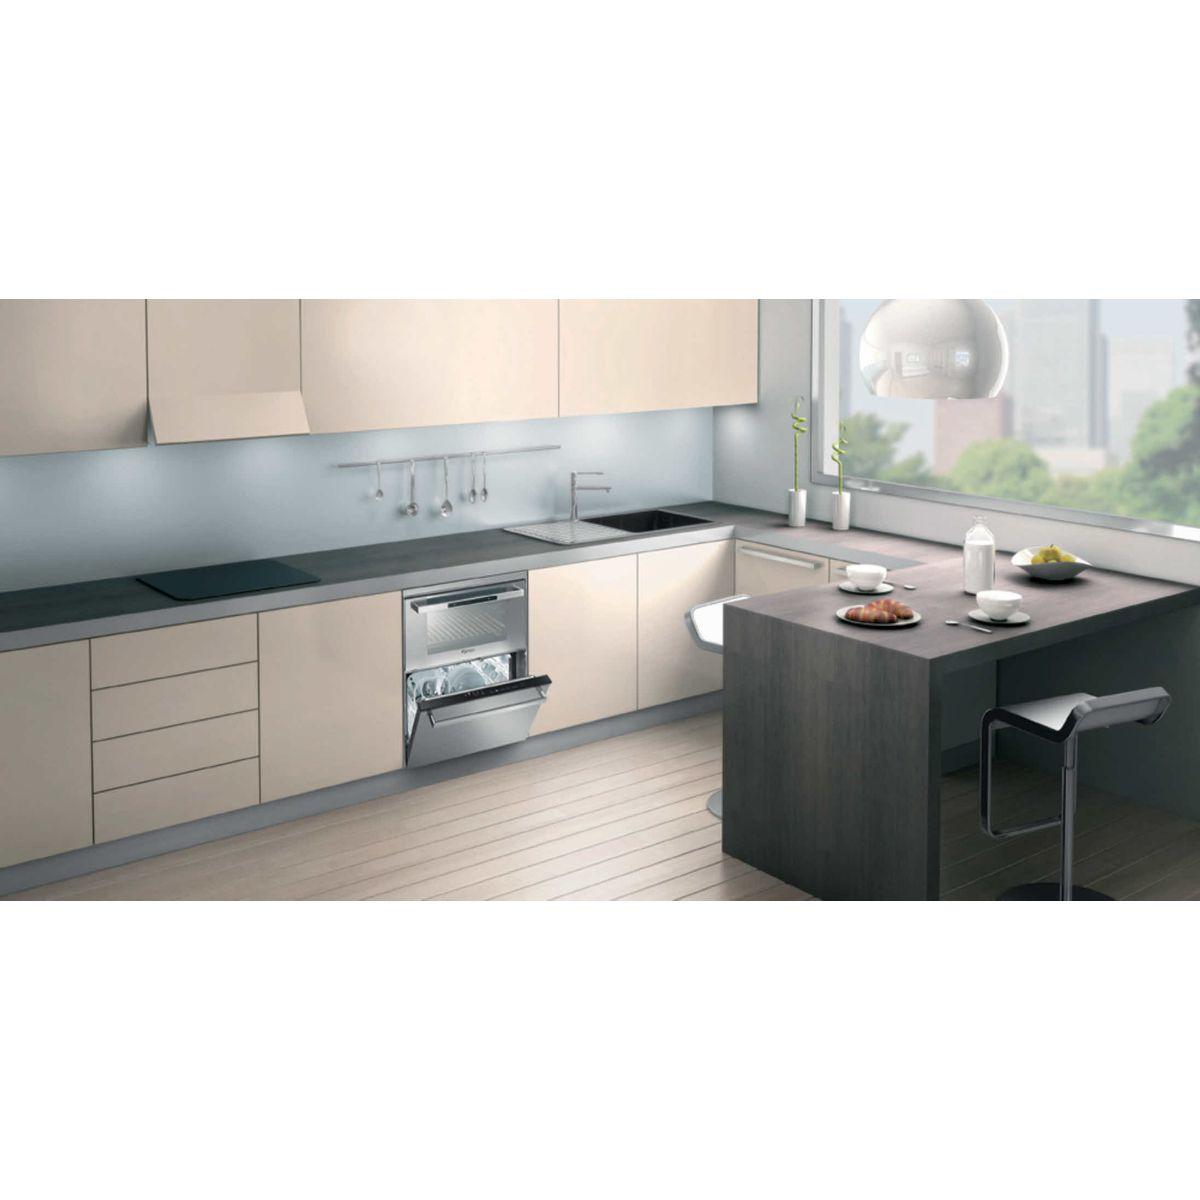 candy duo609 four et lave vaisselle 6 couverts. Black Bedroom Furniture Sets. Home Design Ideas